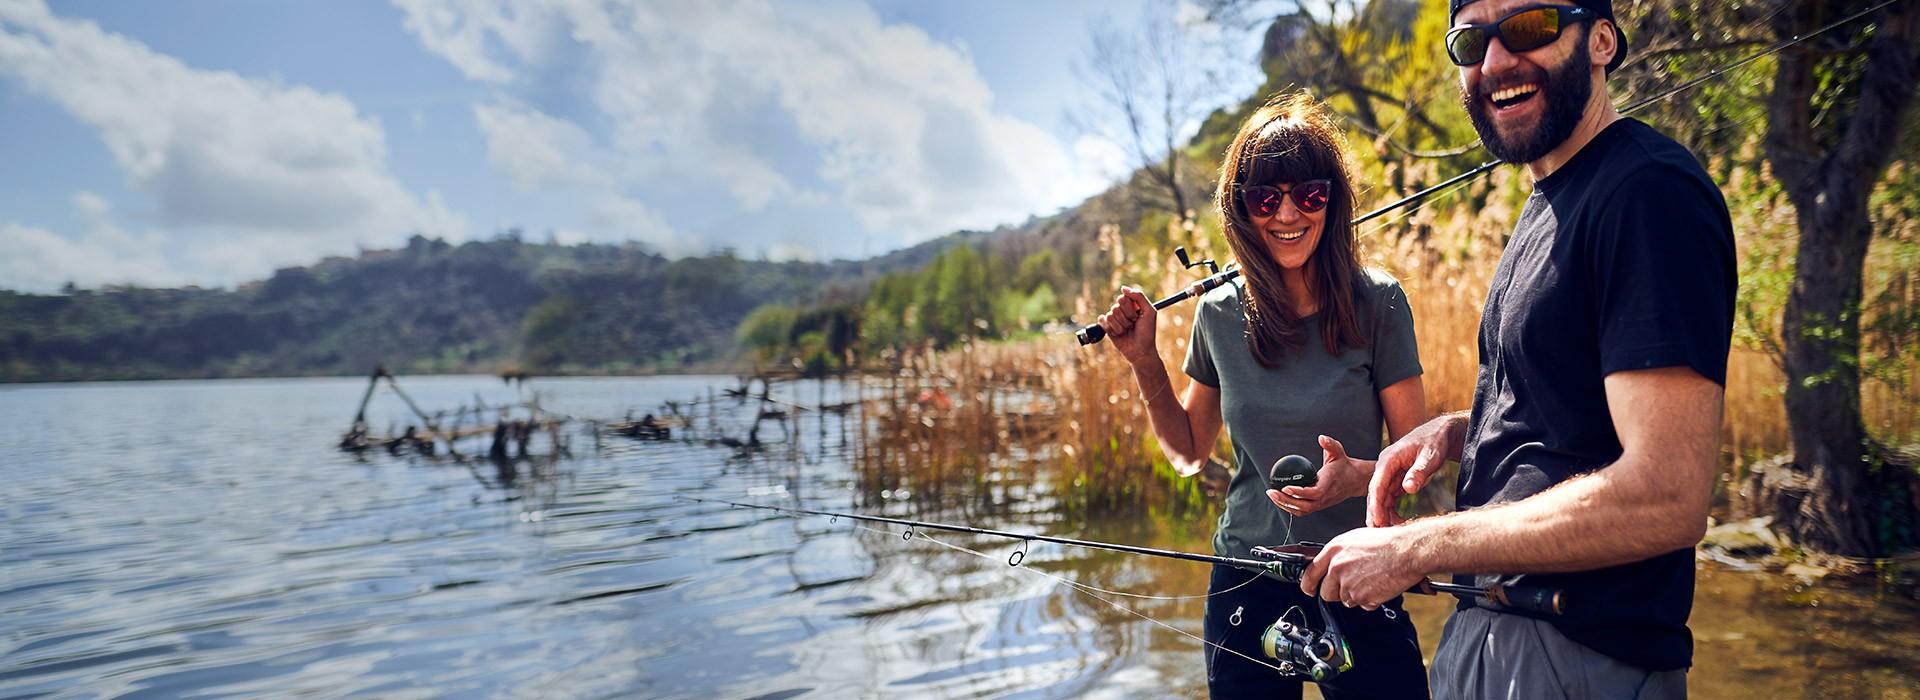 Prendi le tue canne da pesca e goditi la natura in l'italia!Deeper Sonar da €189.99